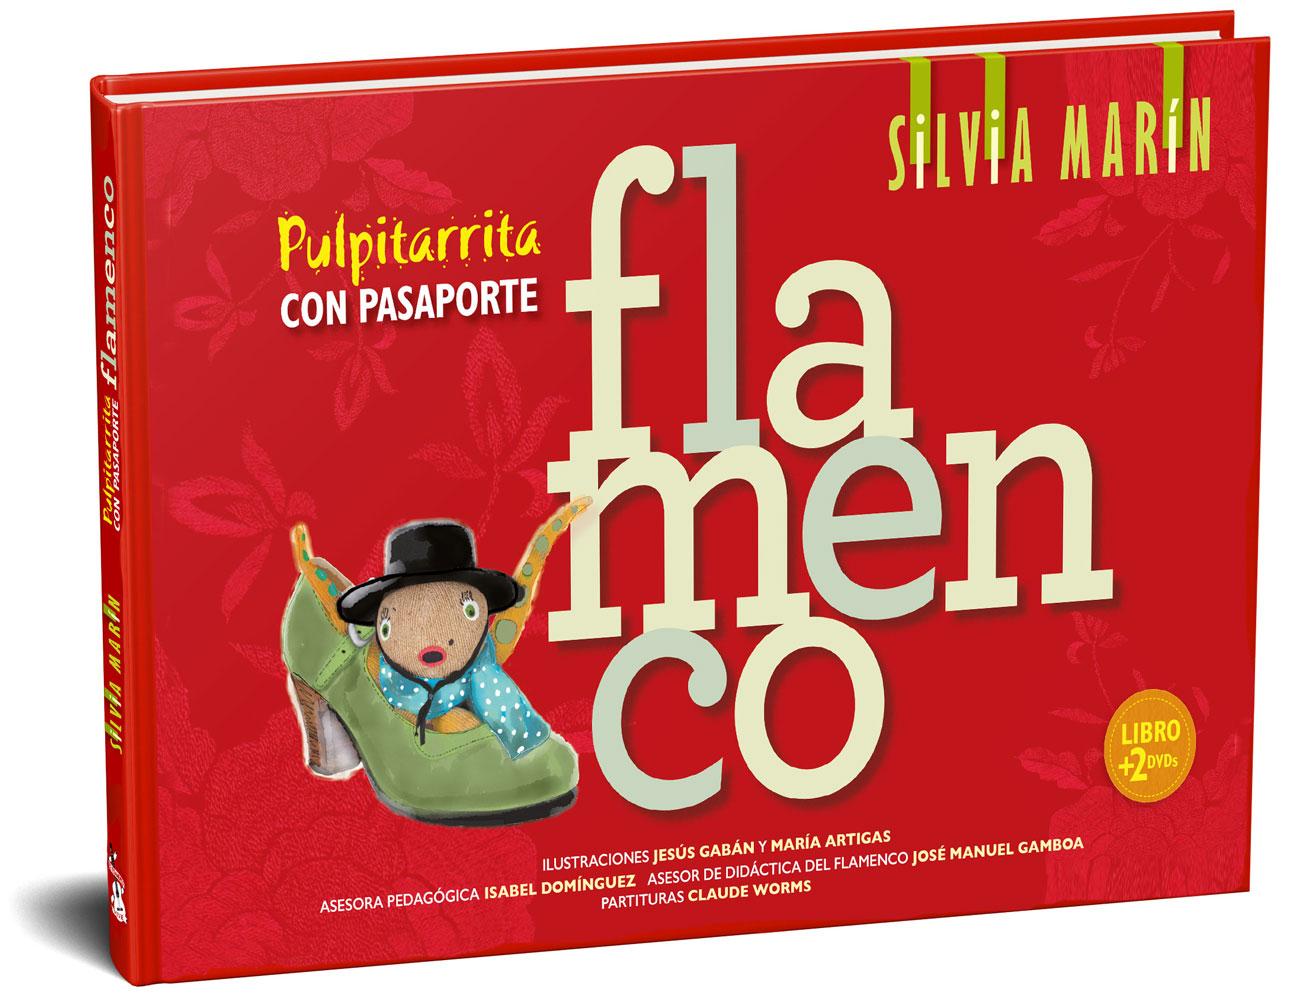 Pulpitarrita con pasaporte flamenco por Silvia Marín